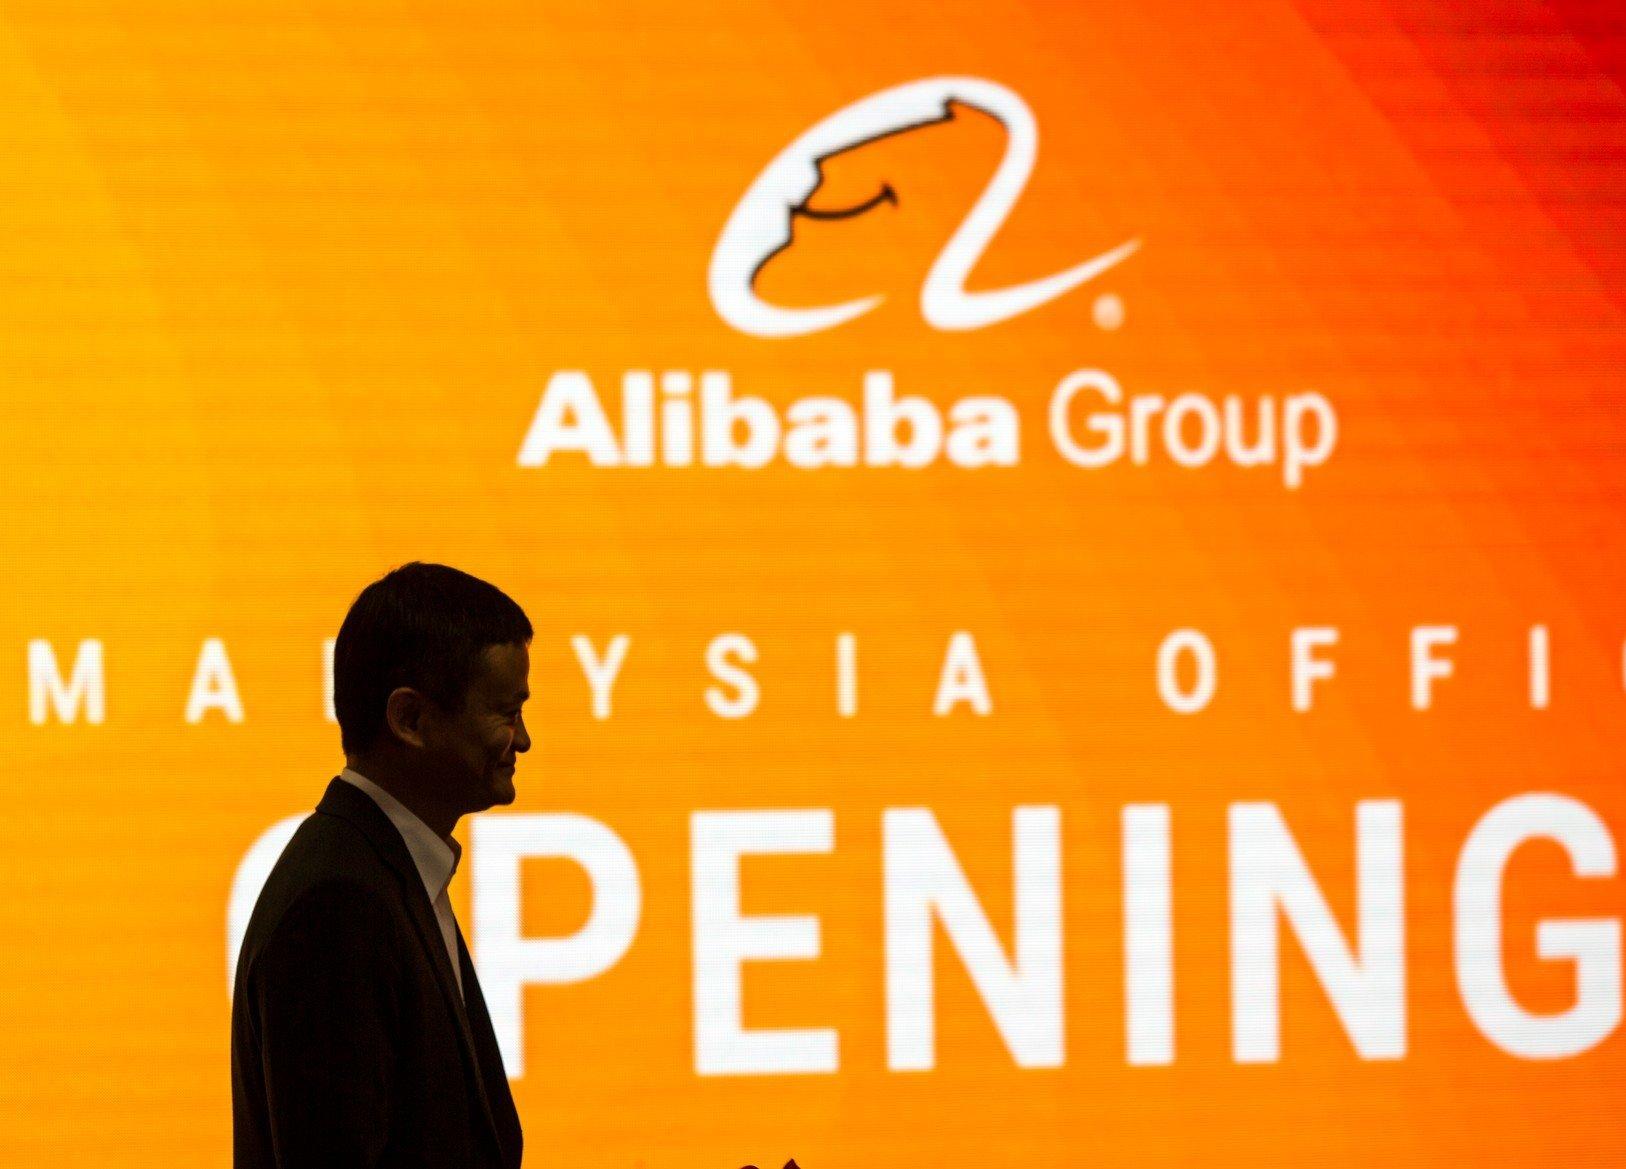 Za vším hledej ženu. I za multimiliardovou Alibabou